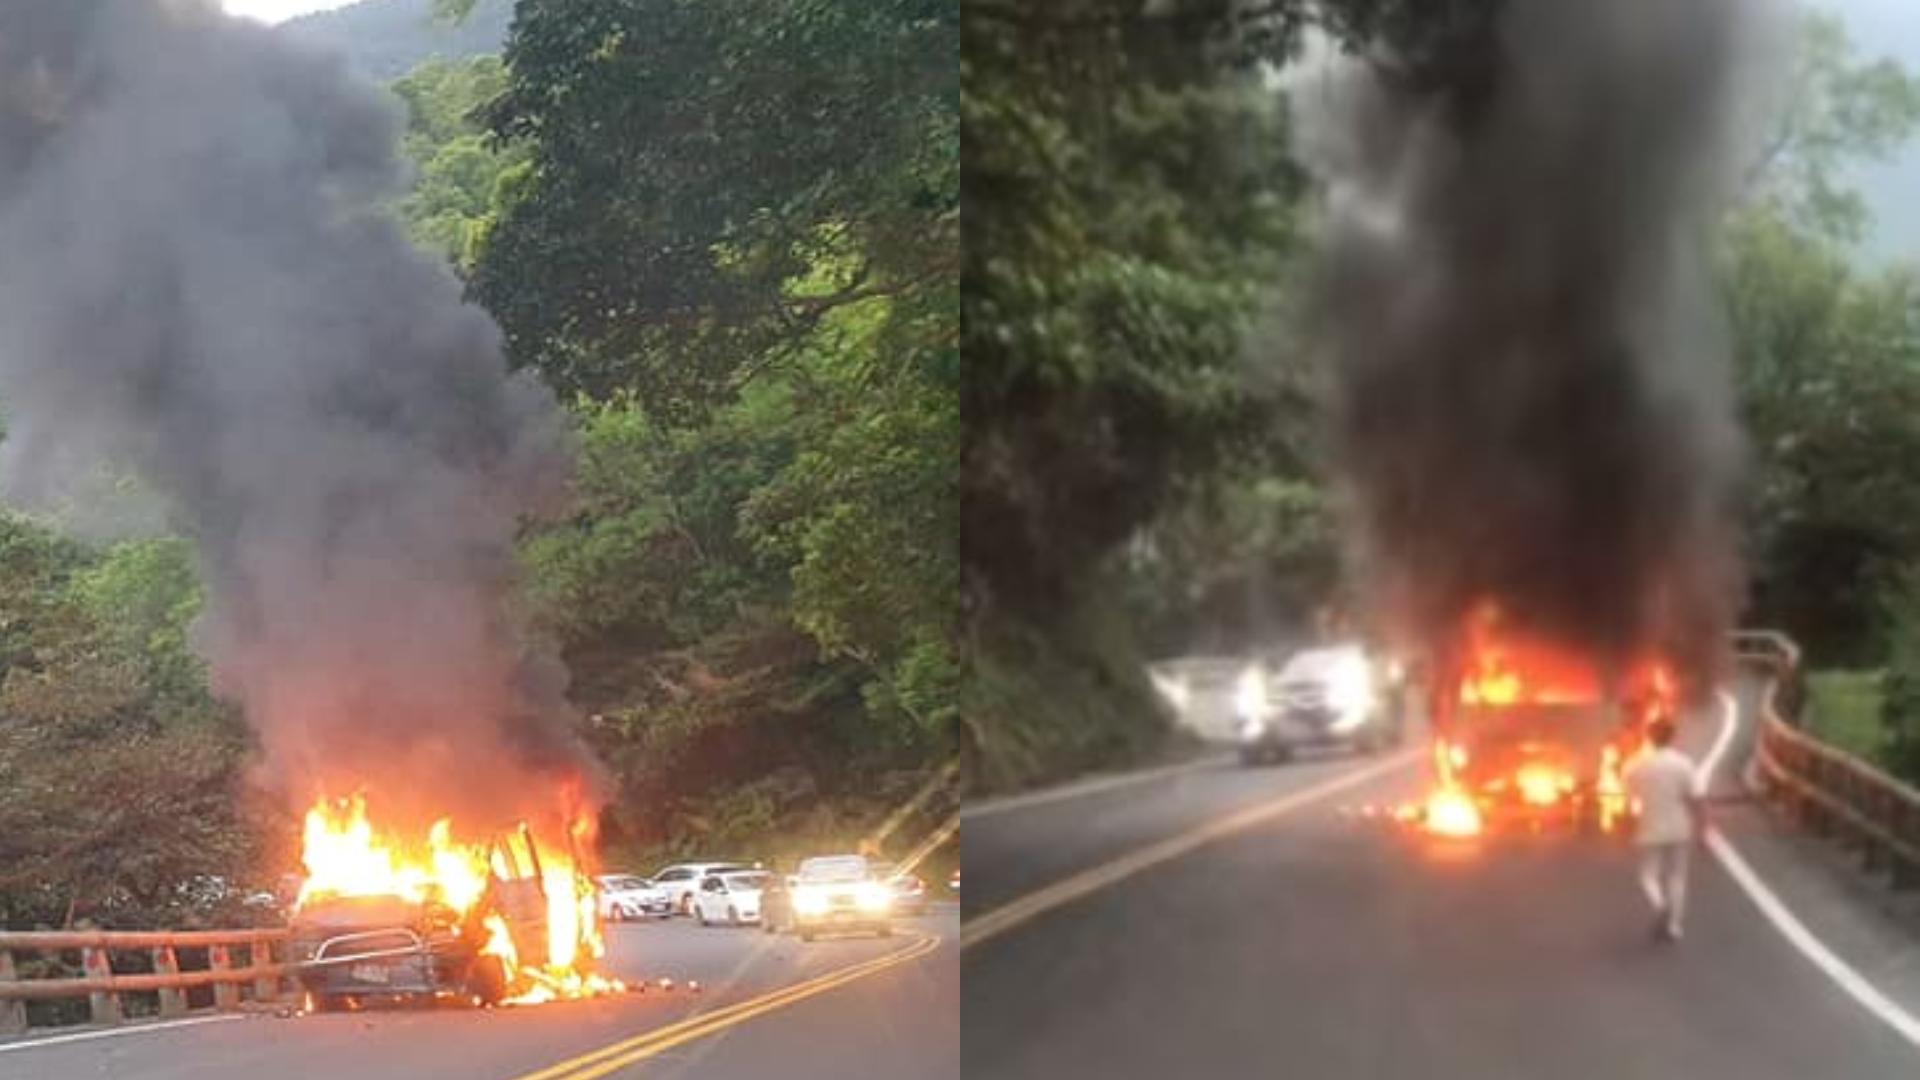 蘇花公路2車對撞起火燃燒 大塞車嚴重回堵